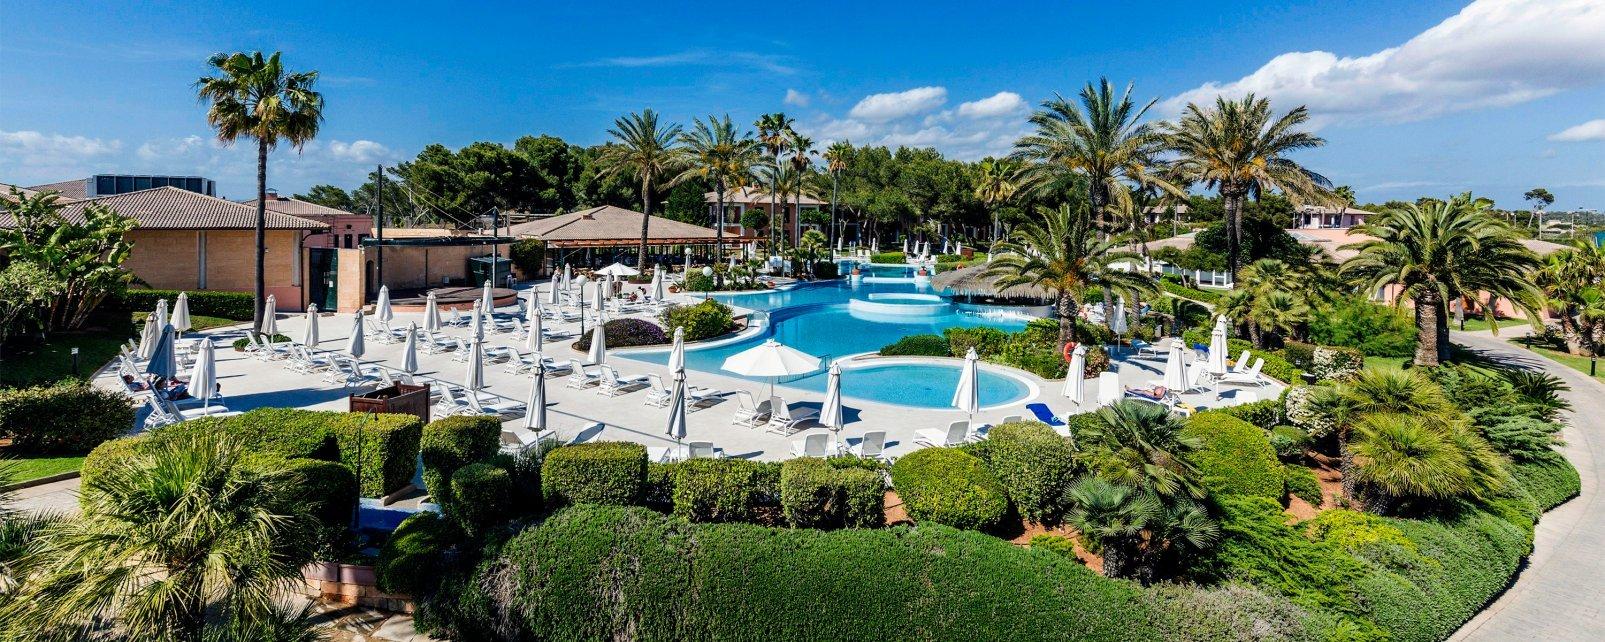 Hotel Blau Colonia Sant Jordi Resort